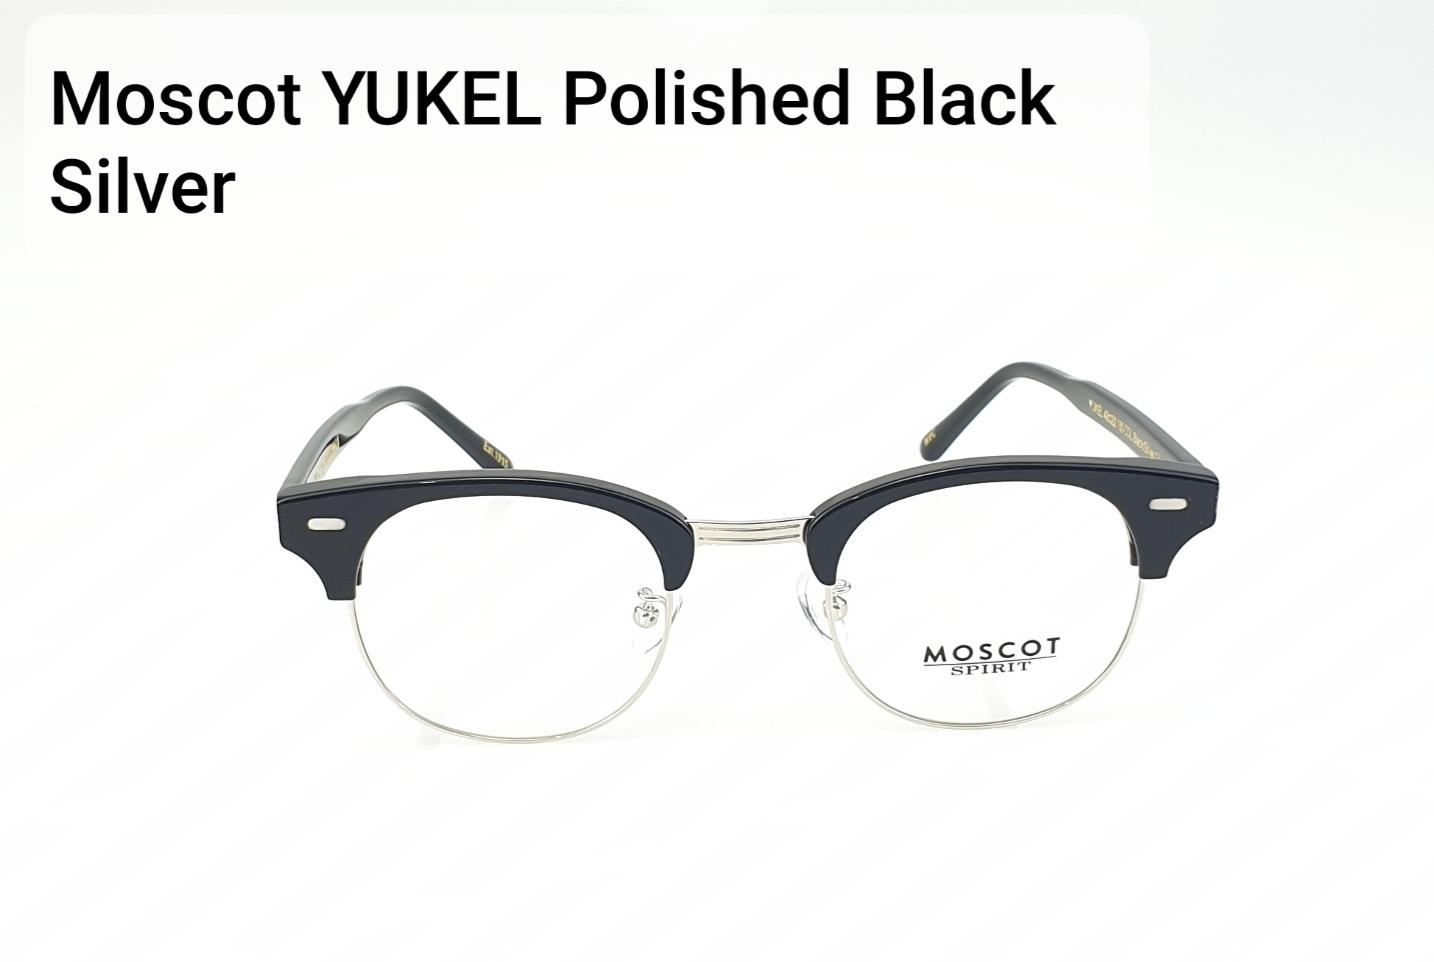 Moscot Yukel